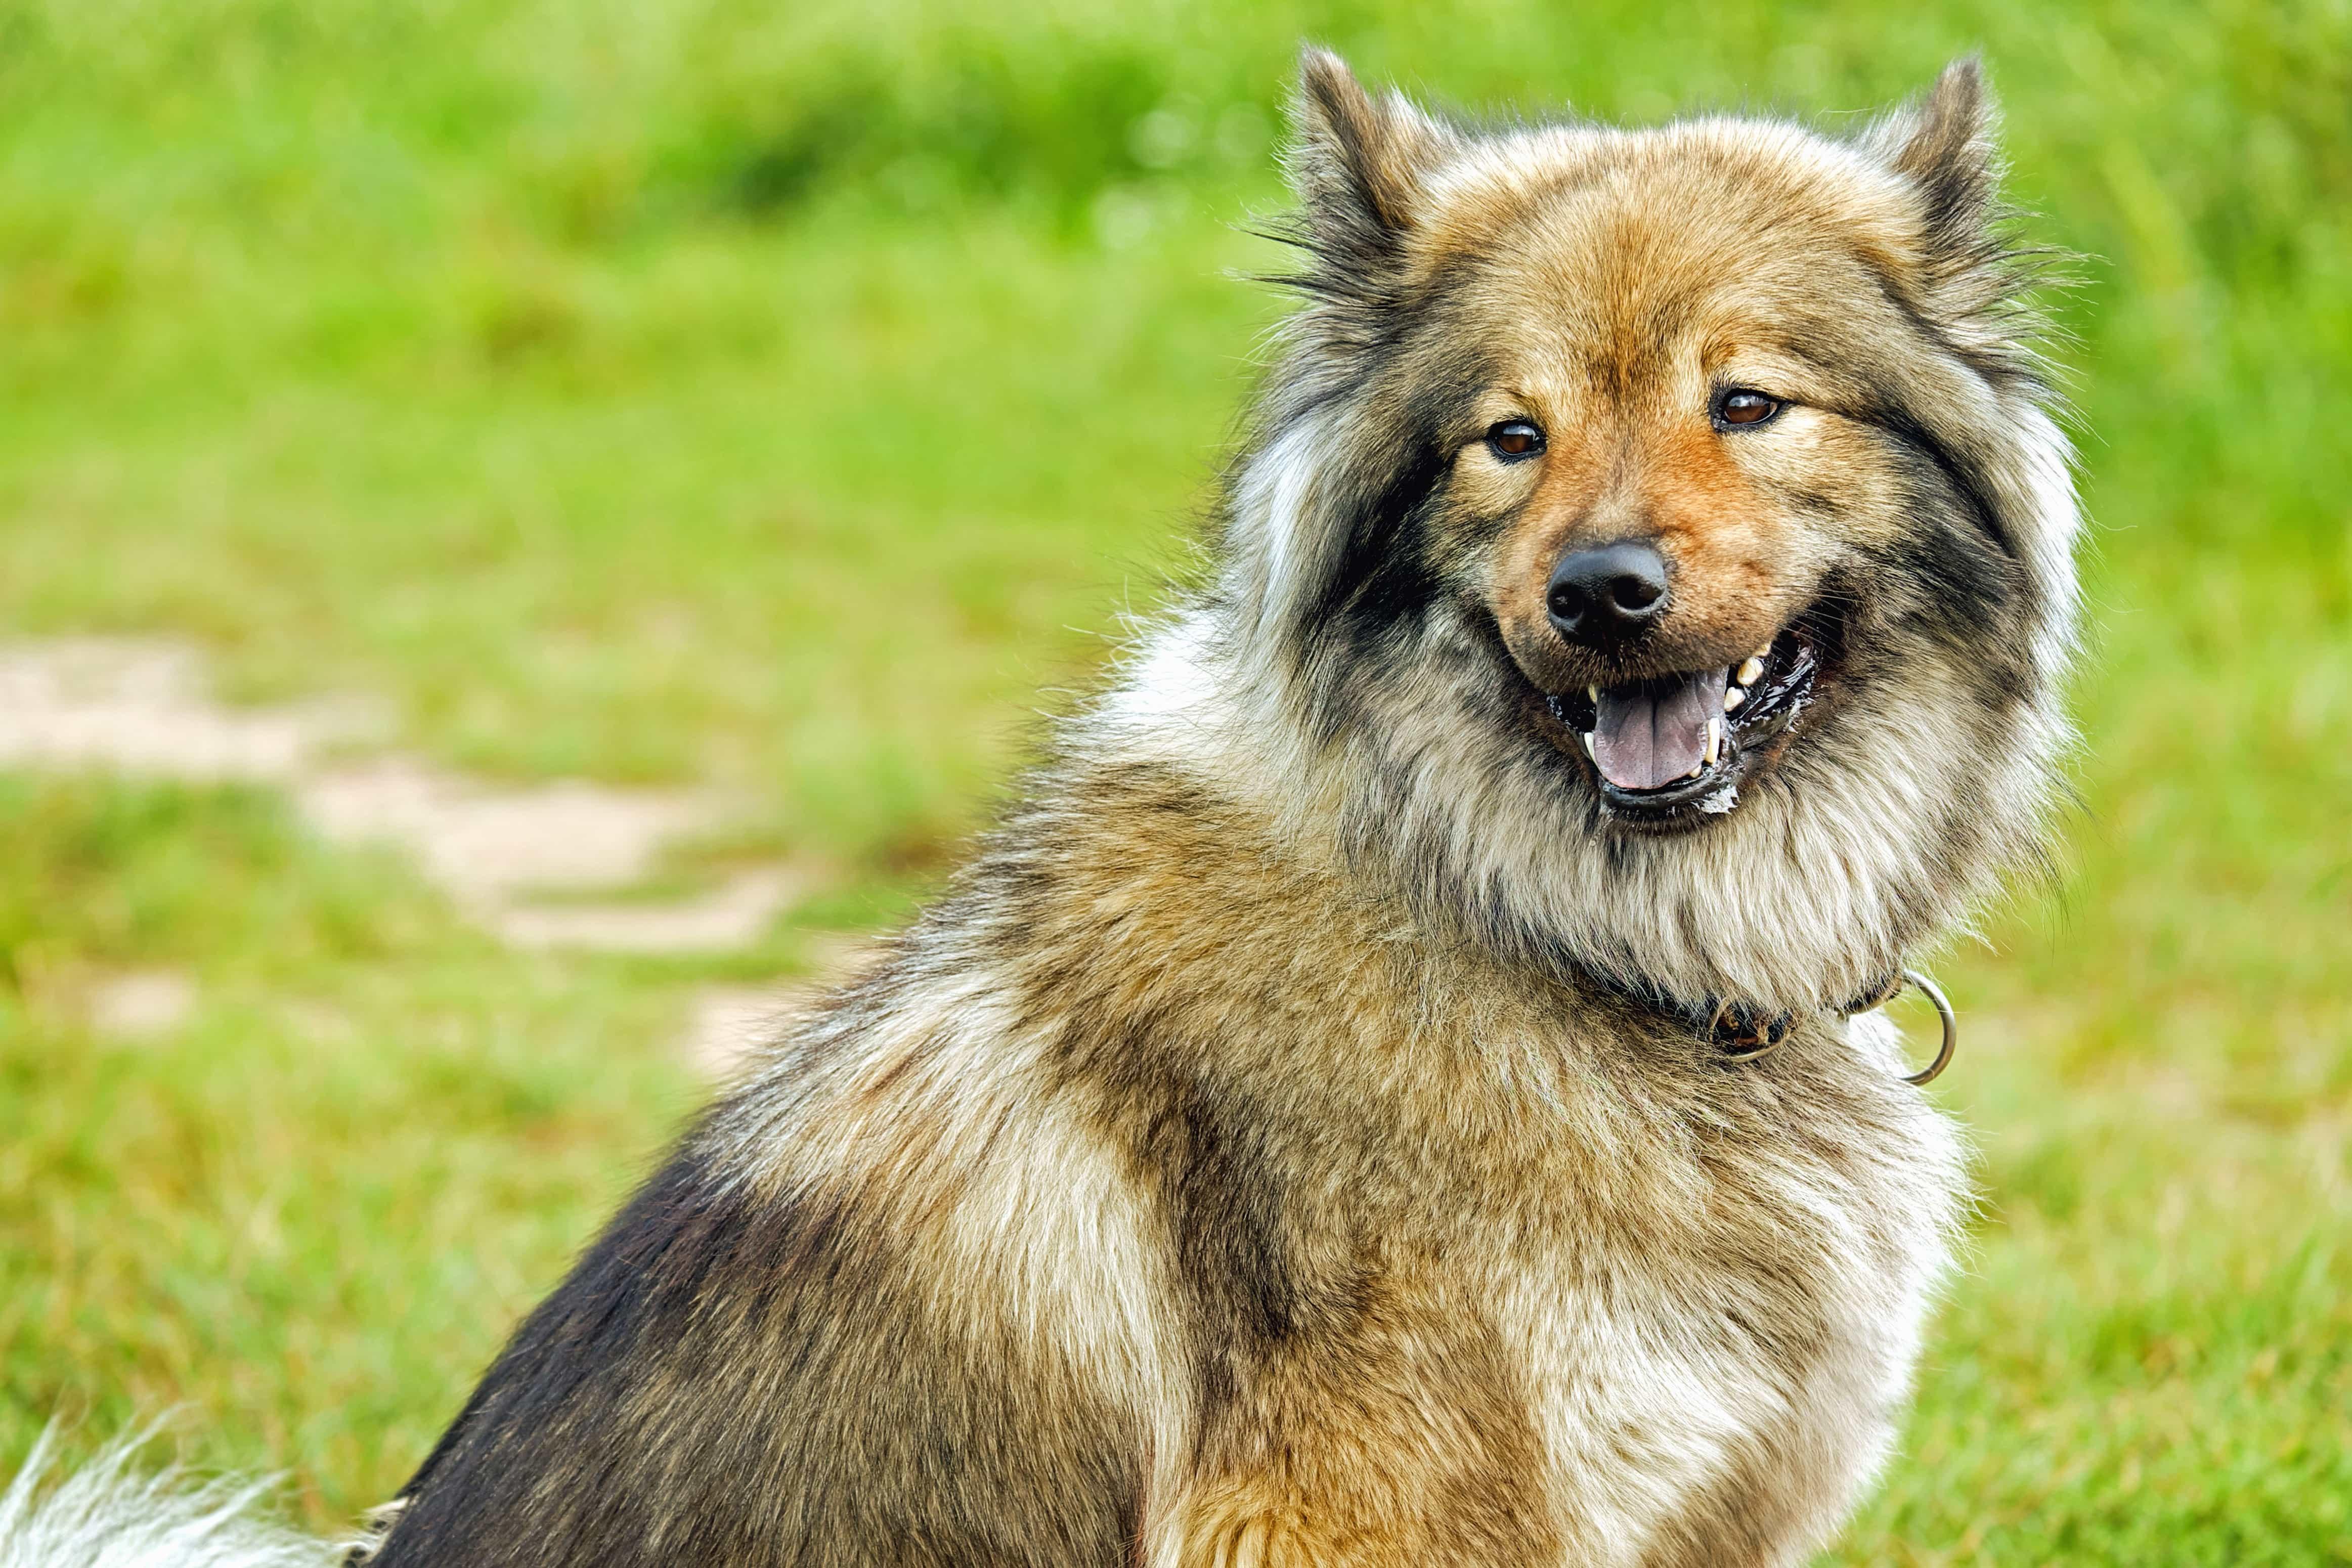 Popular Icelandic Sheepdog Canine Adorable Dog - 2017-10-28-18-04-25  You Should Have_188284  .jpg